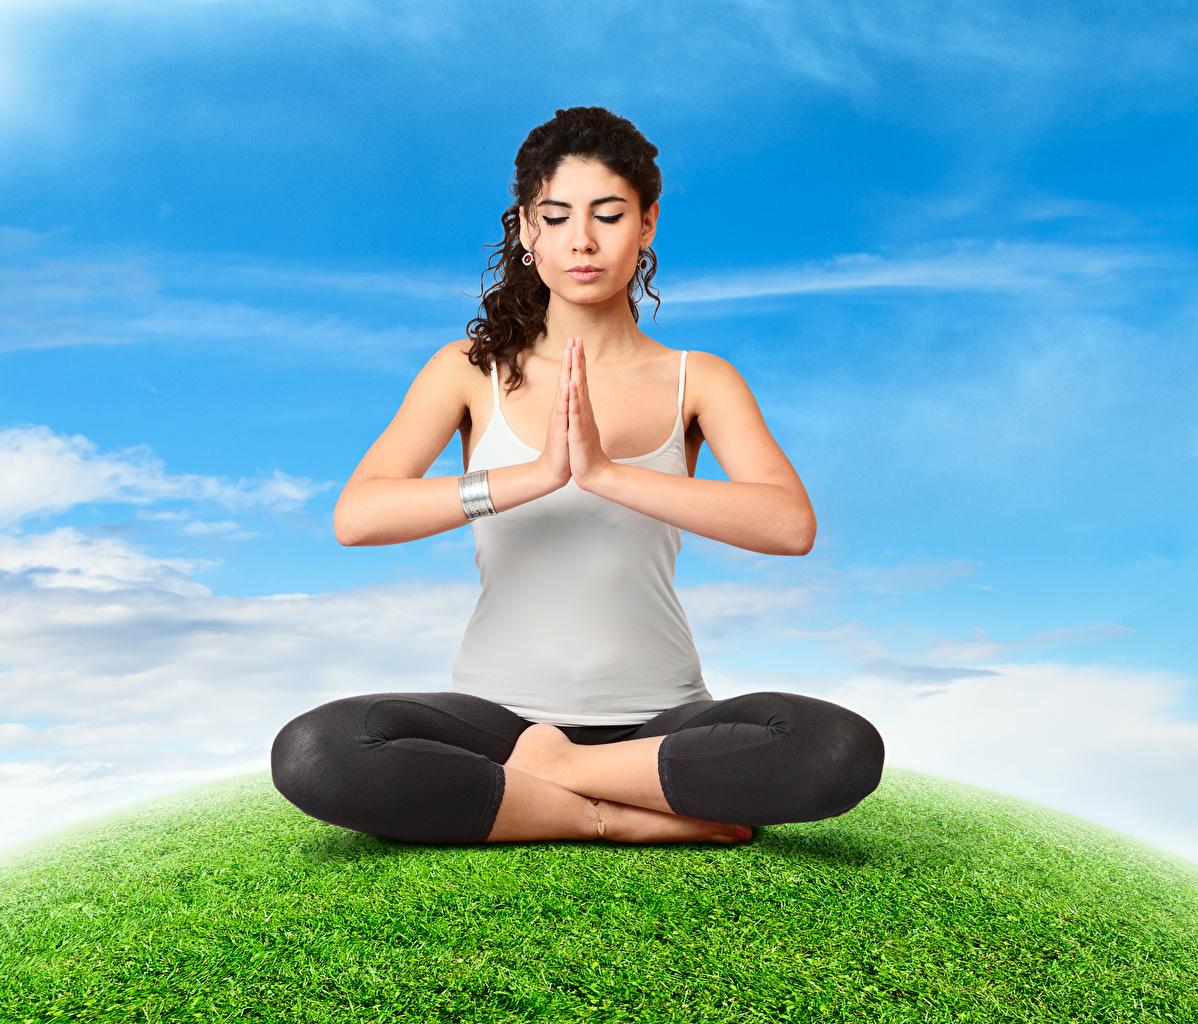 Фото Поза лотоса Шатенка Йога Физические упражнения Девушки Руки Сидит Тренировка сидящие